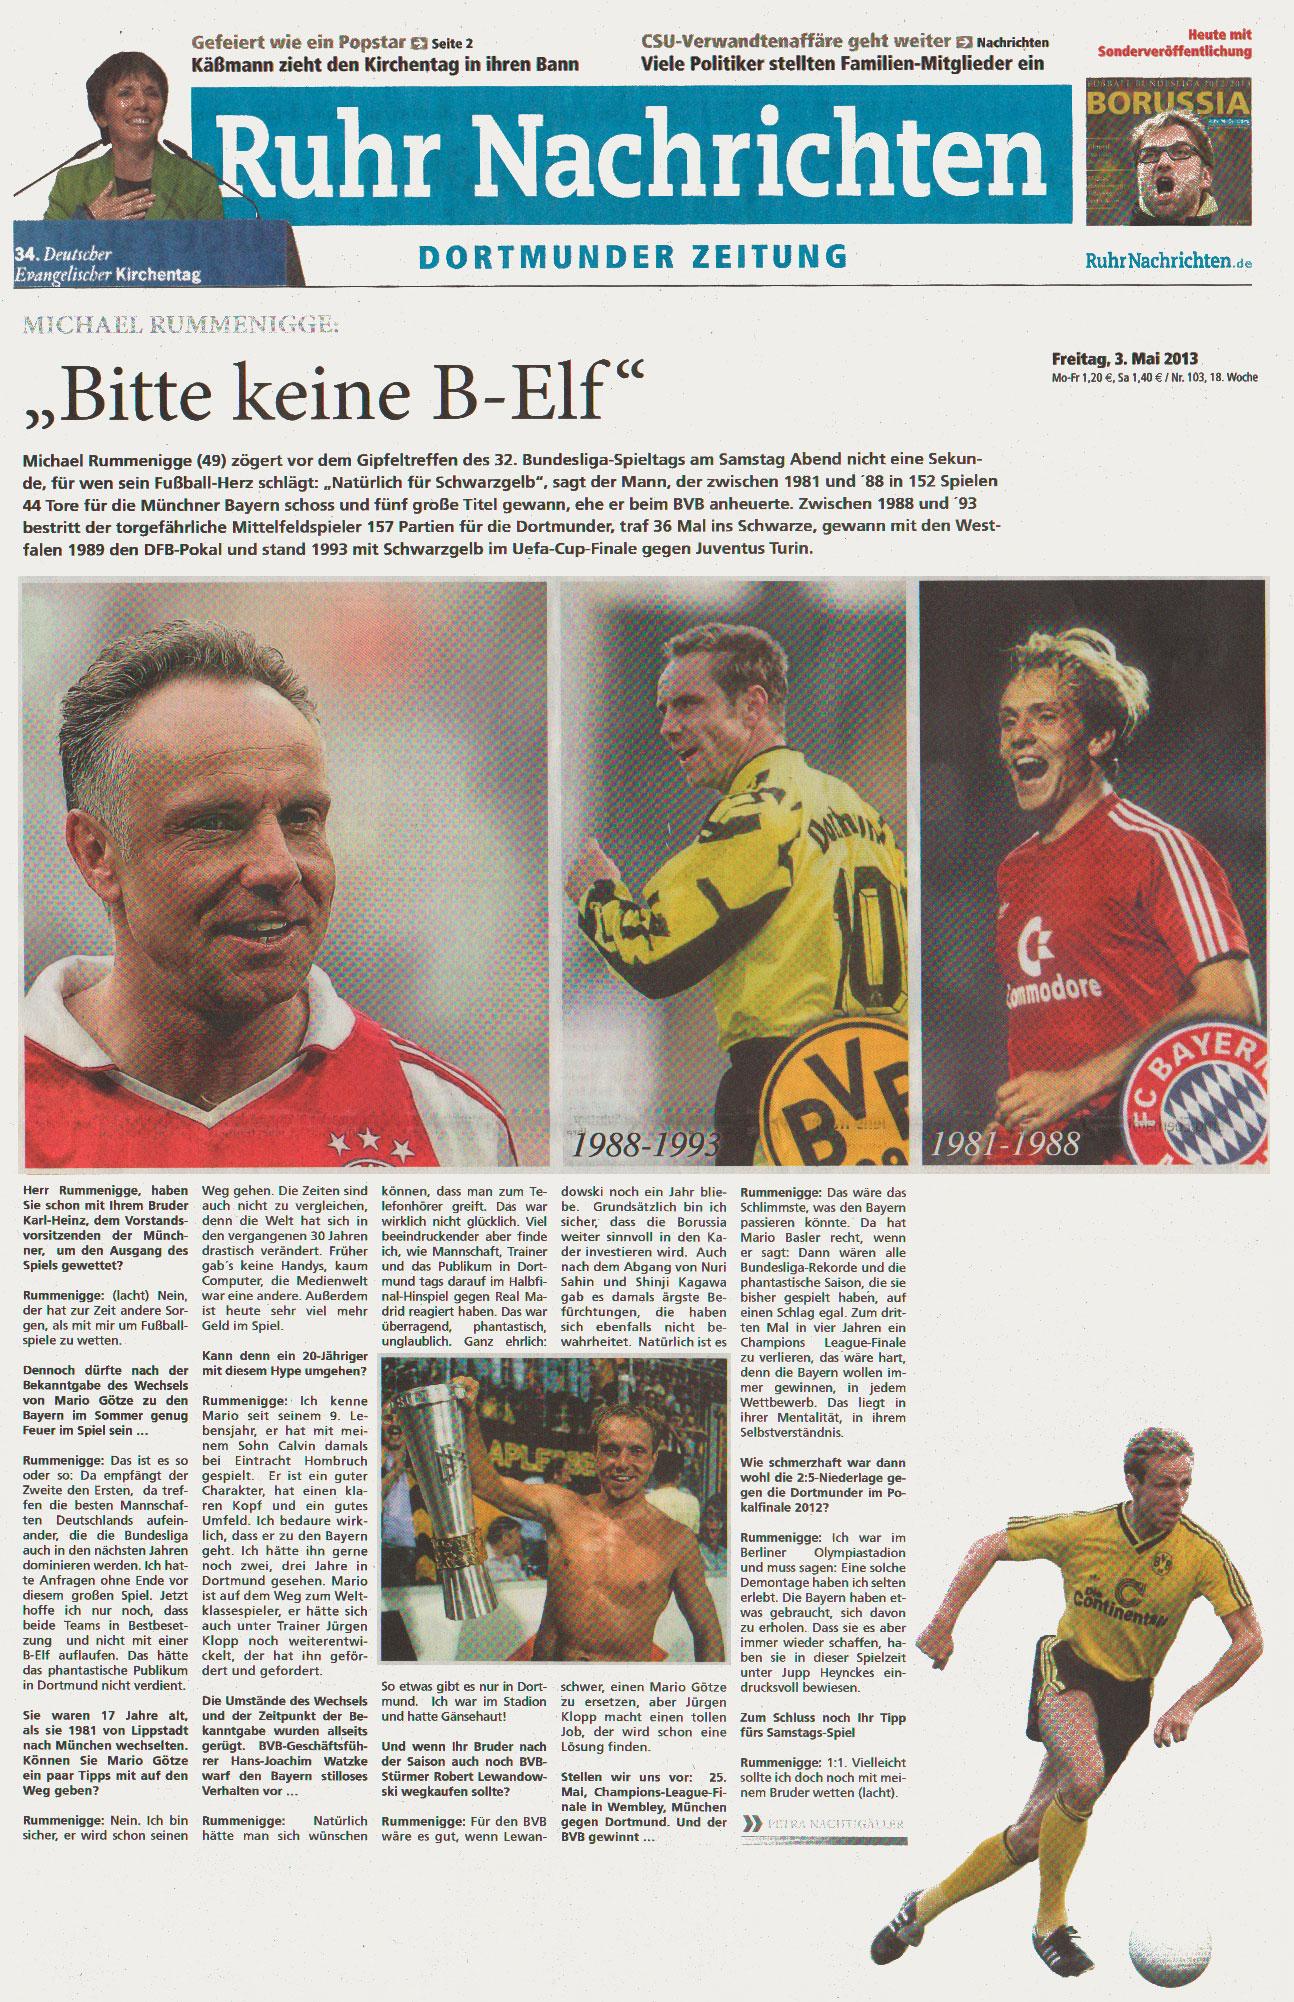 """Interview aus der RuhrNachrichten-Beilage """"Borussia"""" vom Freitag, 03. Mai 2013"""